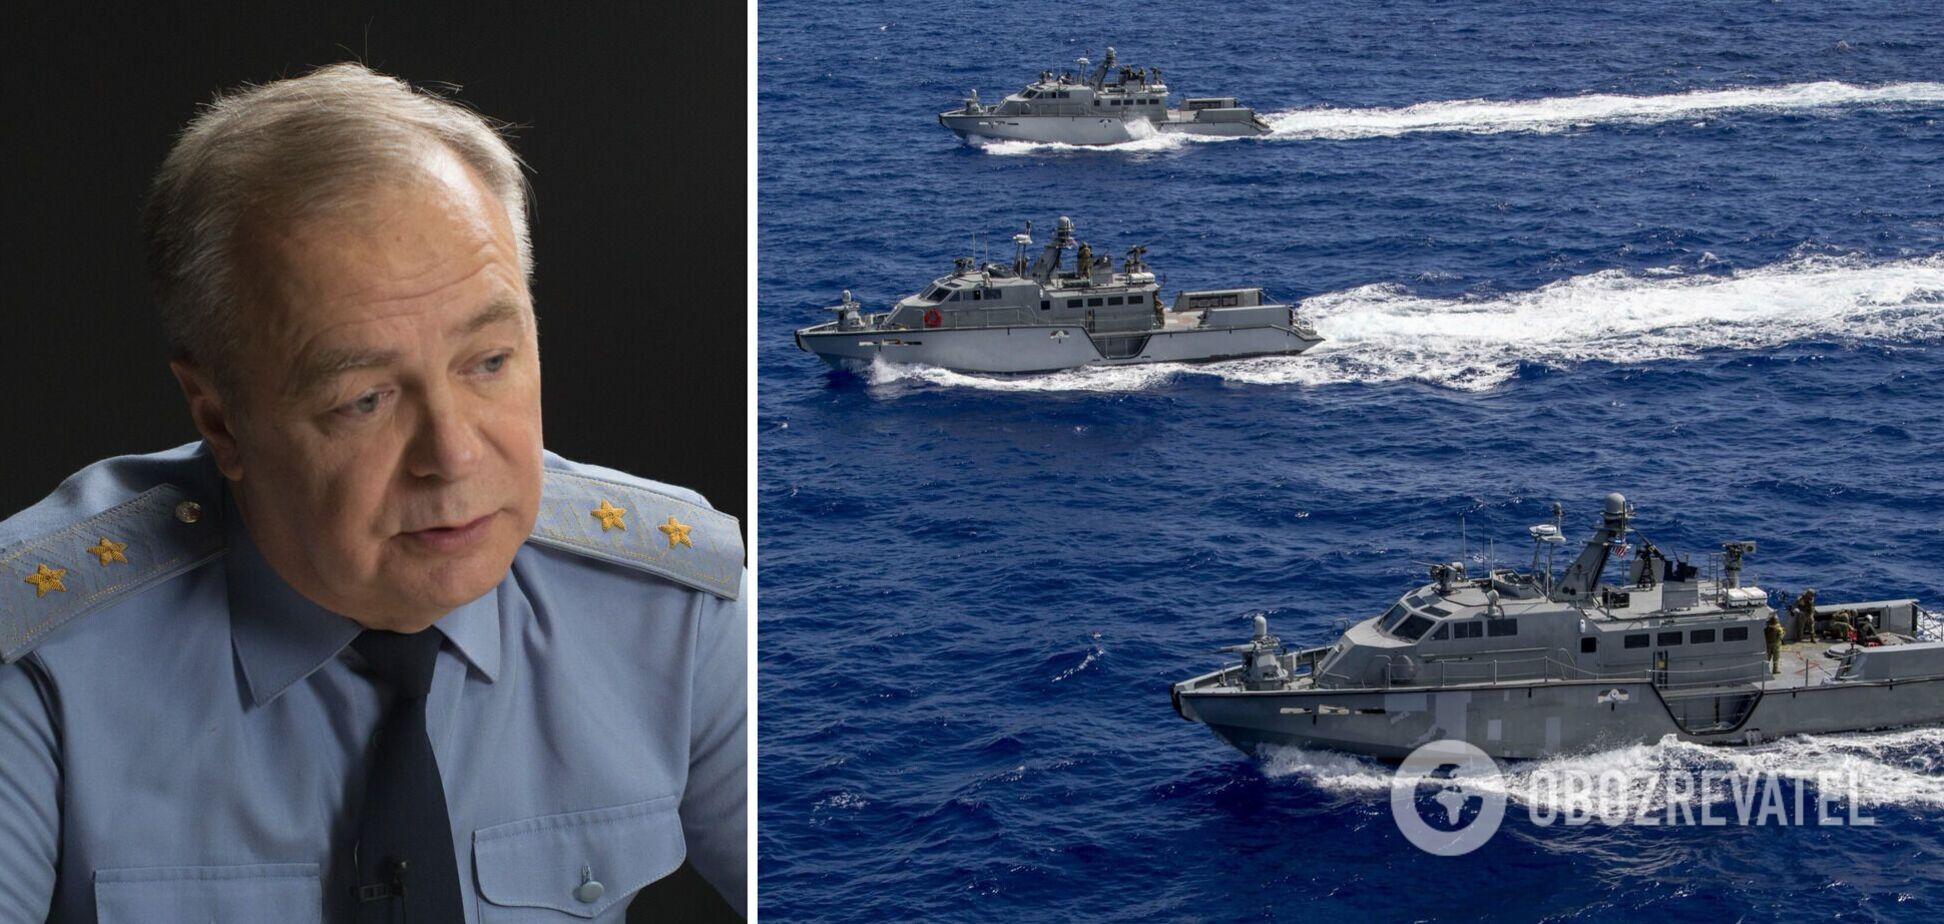 Ігор Романенко пояснив можливості нового ракетного озброєння ВМС України